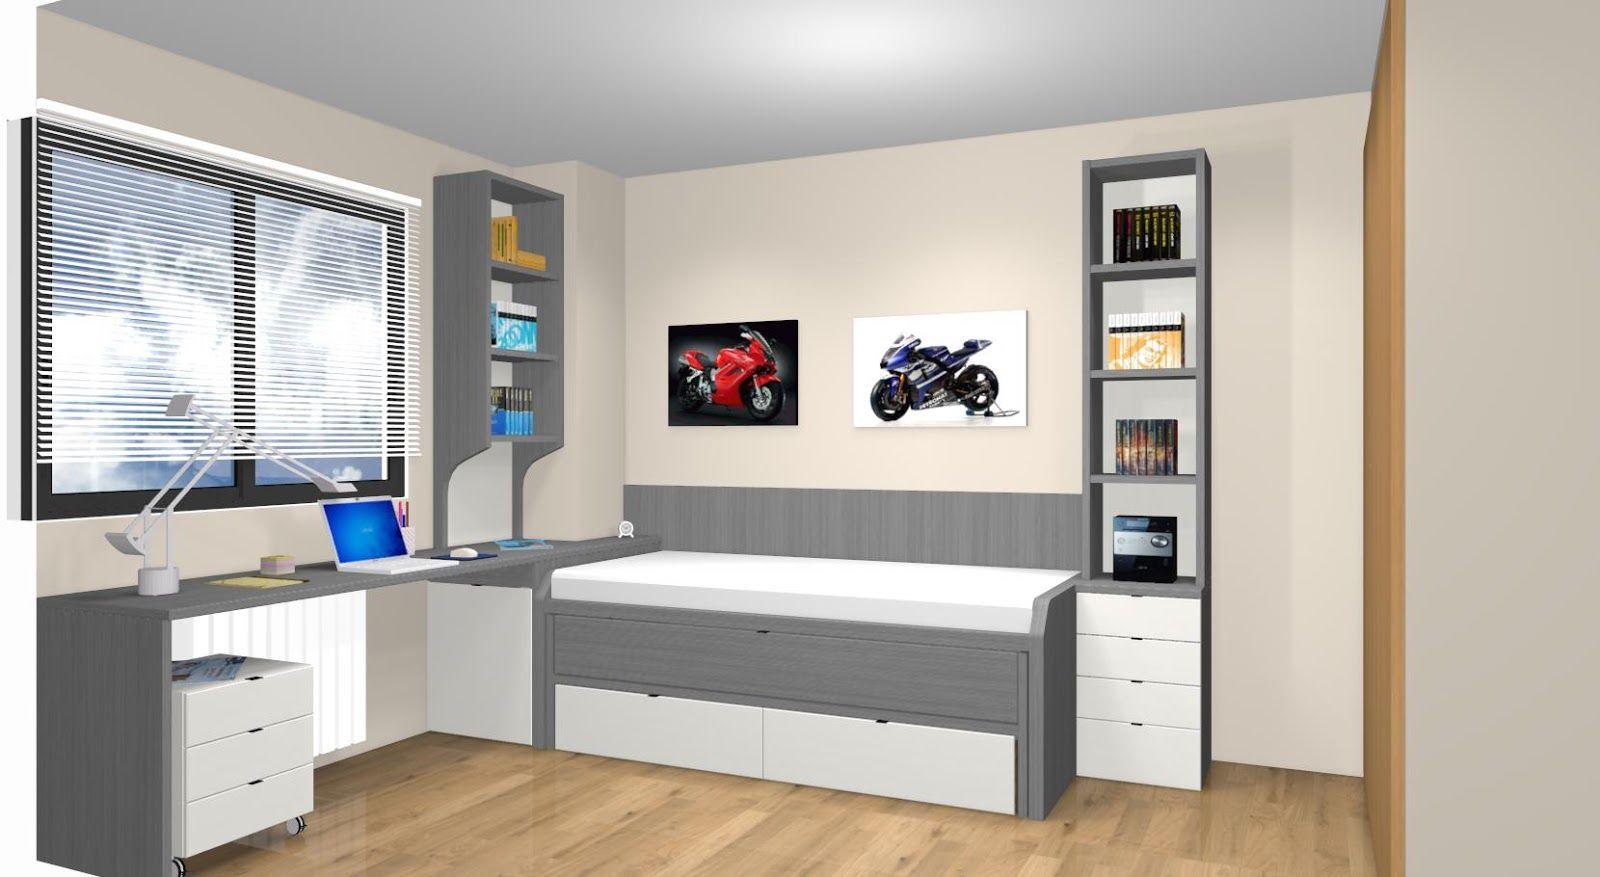 Dormitorios Juveniles A Medida En Madrid Proyectos De Decoracion  ~ Dormitorios Infantiles A Medida